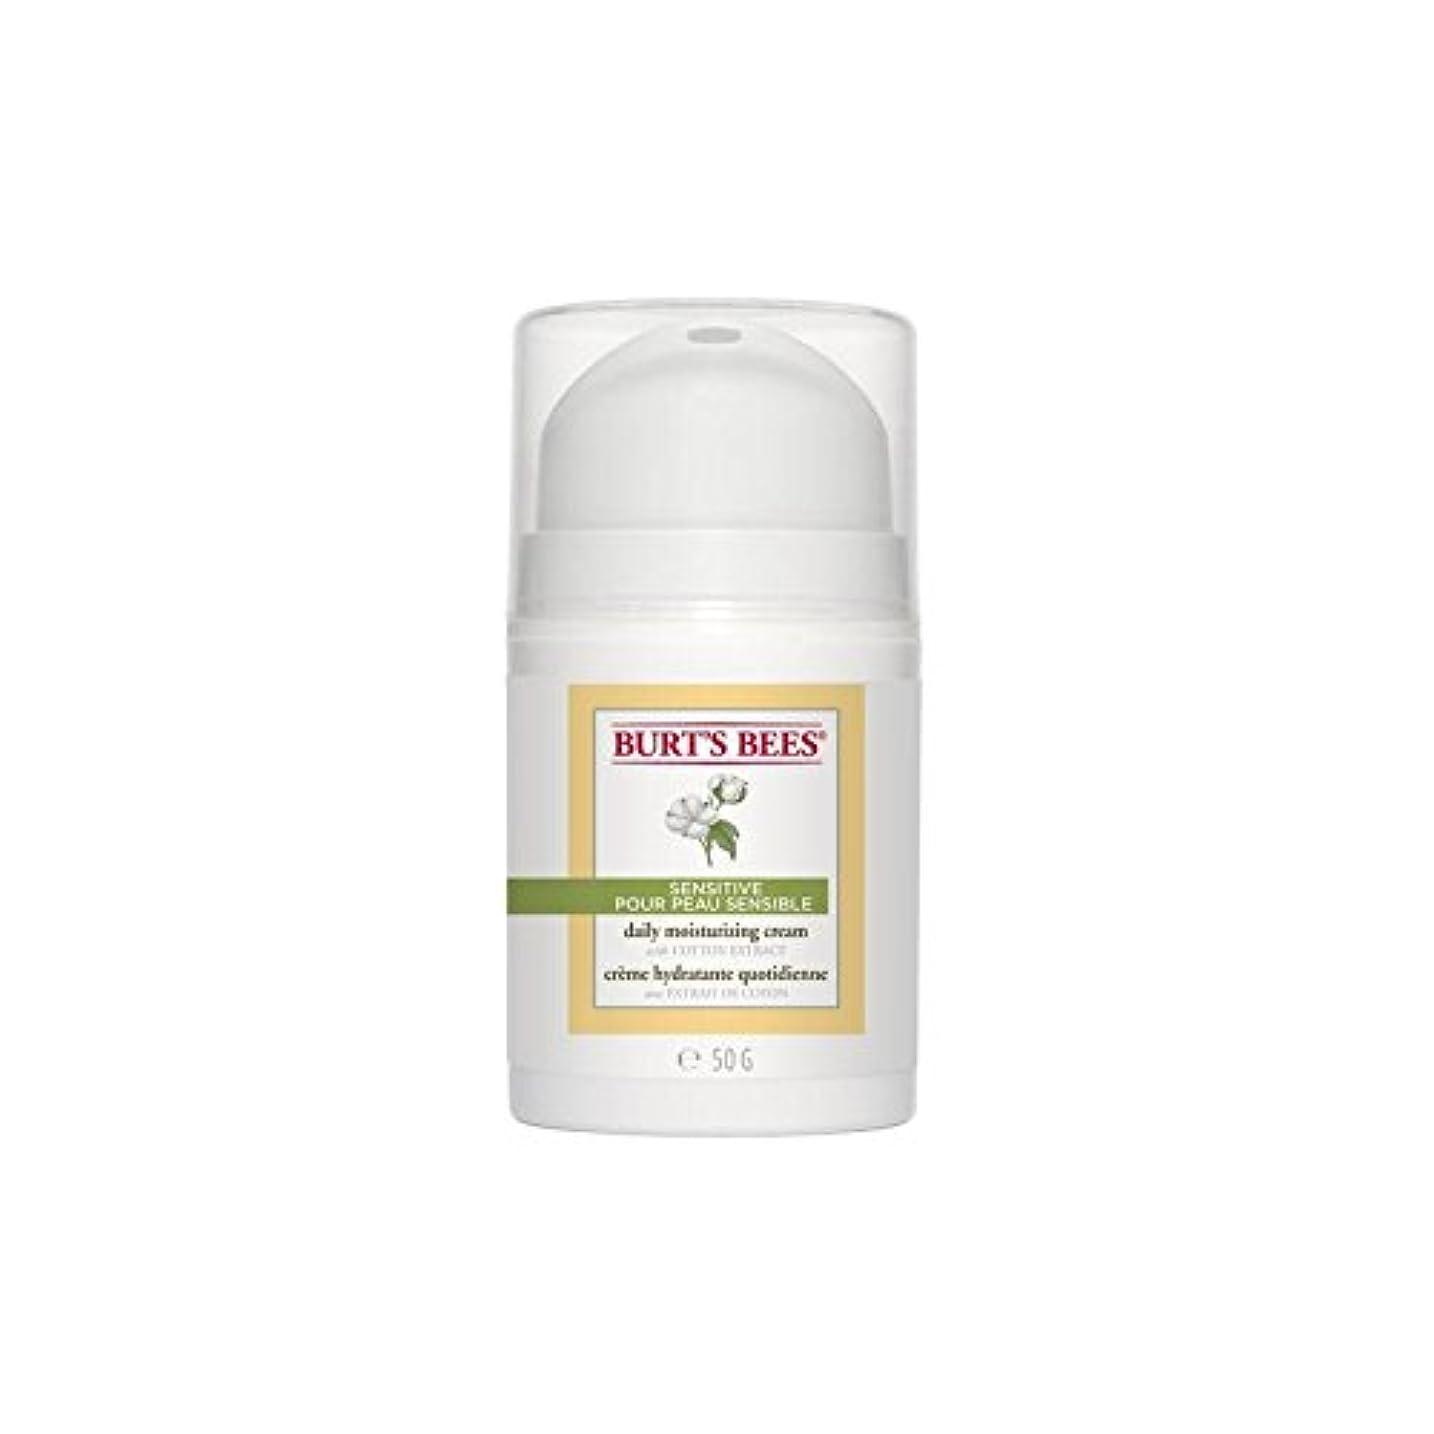 水没世辞ロック解除バーツビー敏感毎日保湿クリーム50グラム x2 - Burt's Bees Sensitive Daily Moisturising Cream 50G (Pack of 2) [並行輸入品]